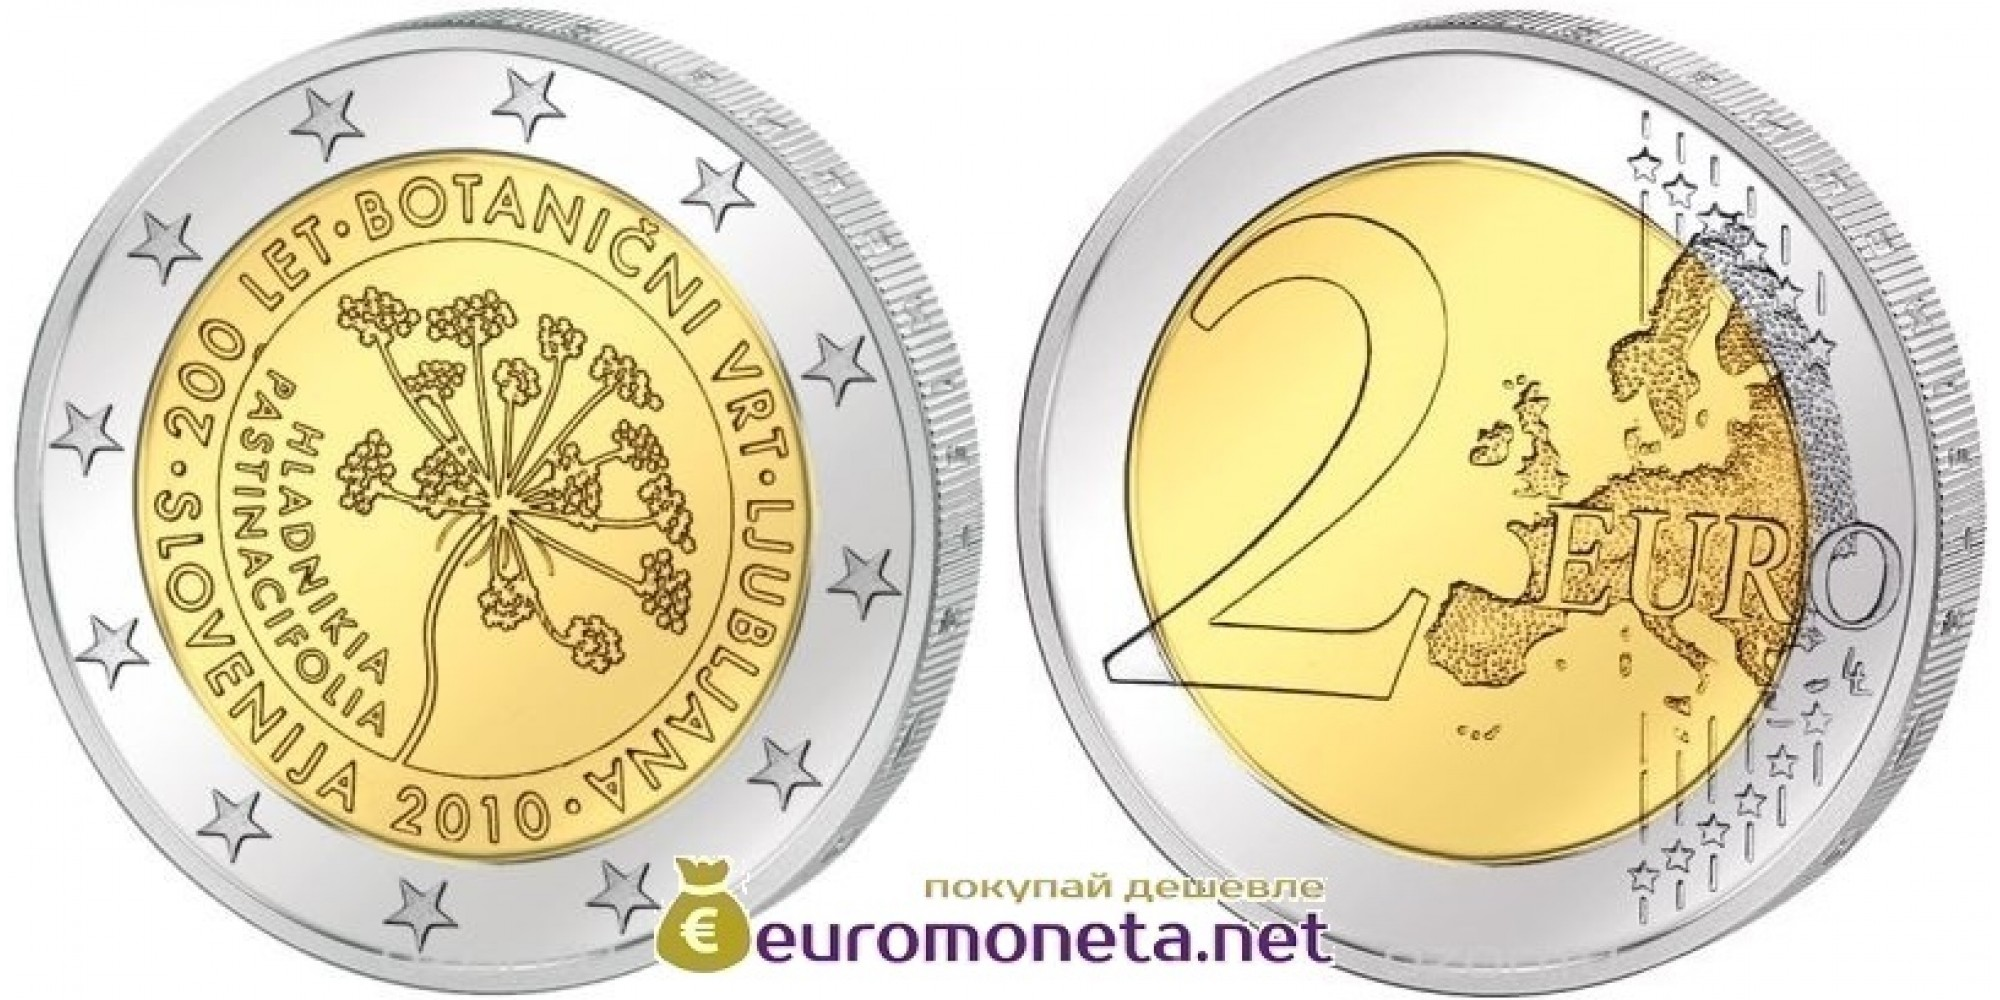 Словения 2 евро 2010 год АЦ 200 лет Ботаническому саду Любляны, биметалл